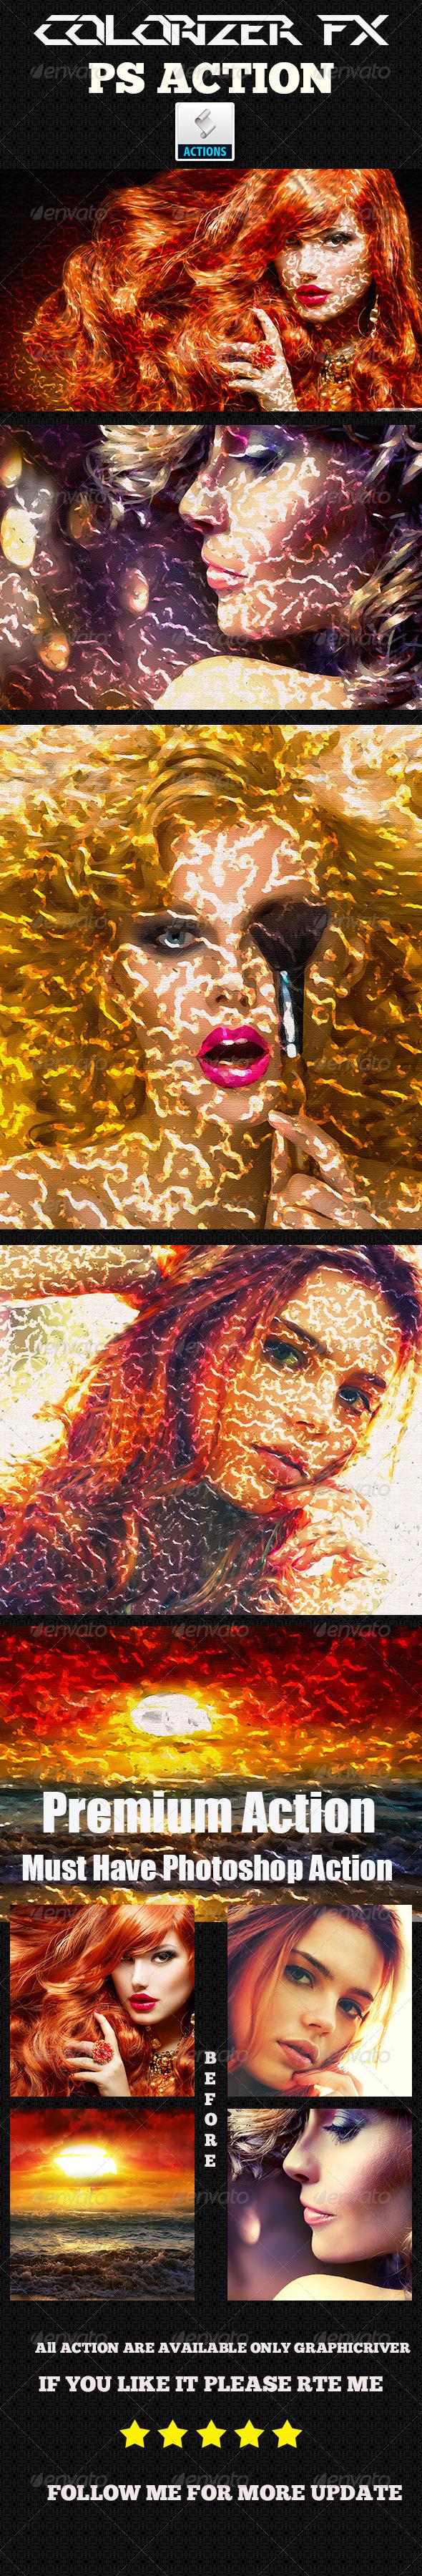 GraphicRiver Colorizer Fx Photoshop Action 8752372